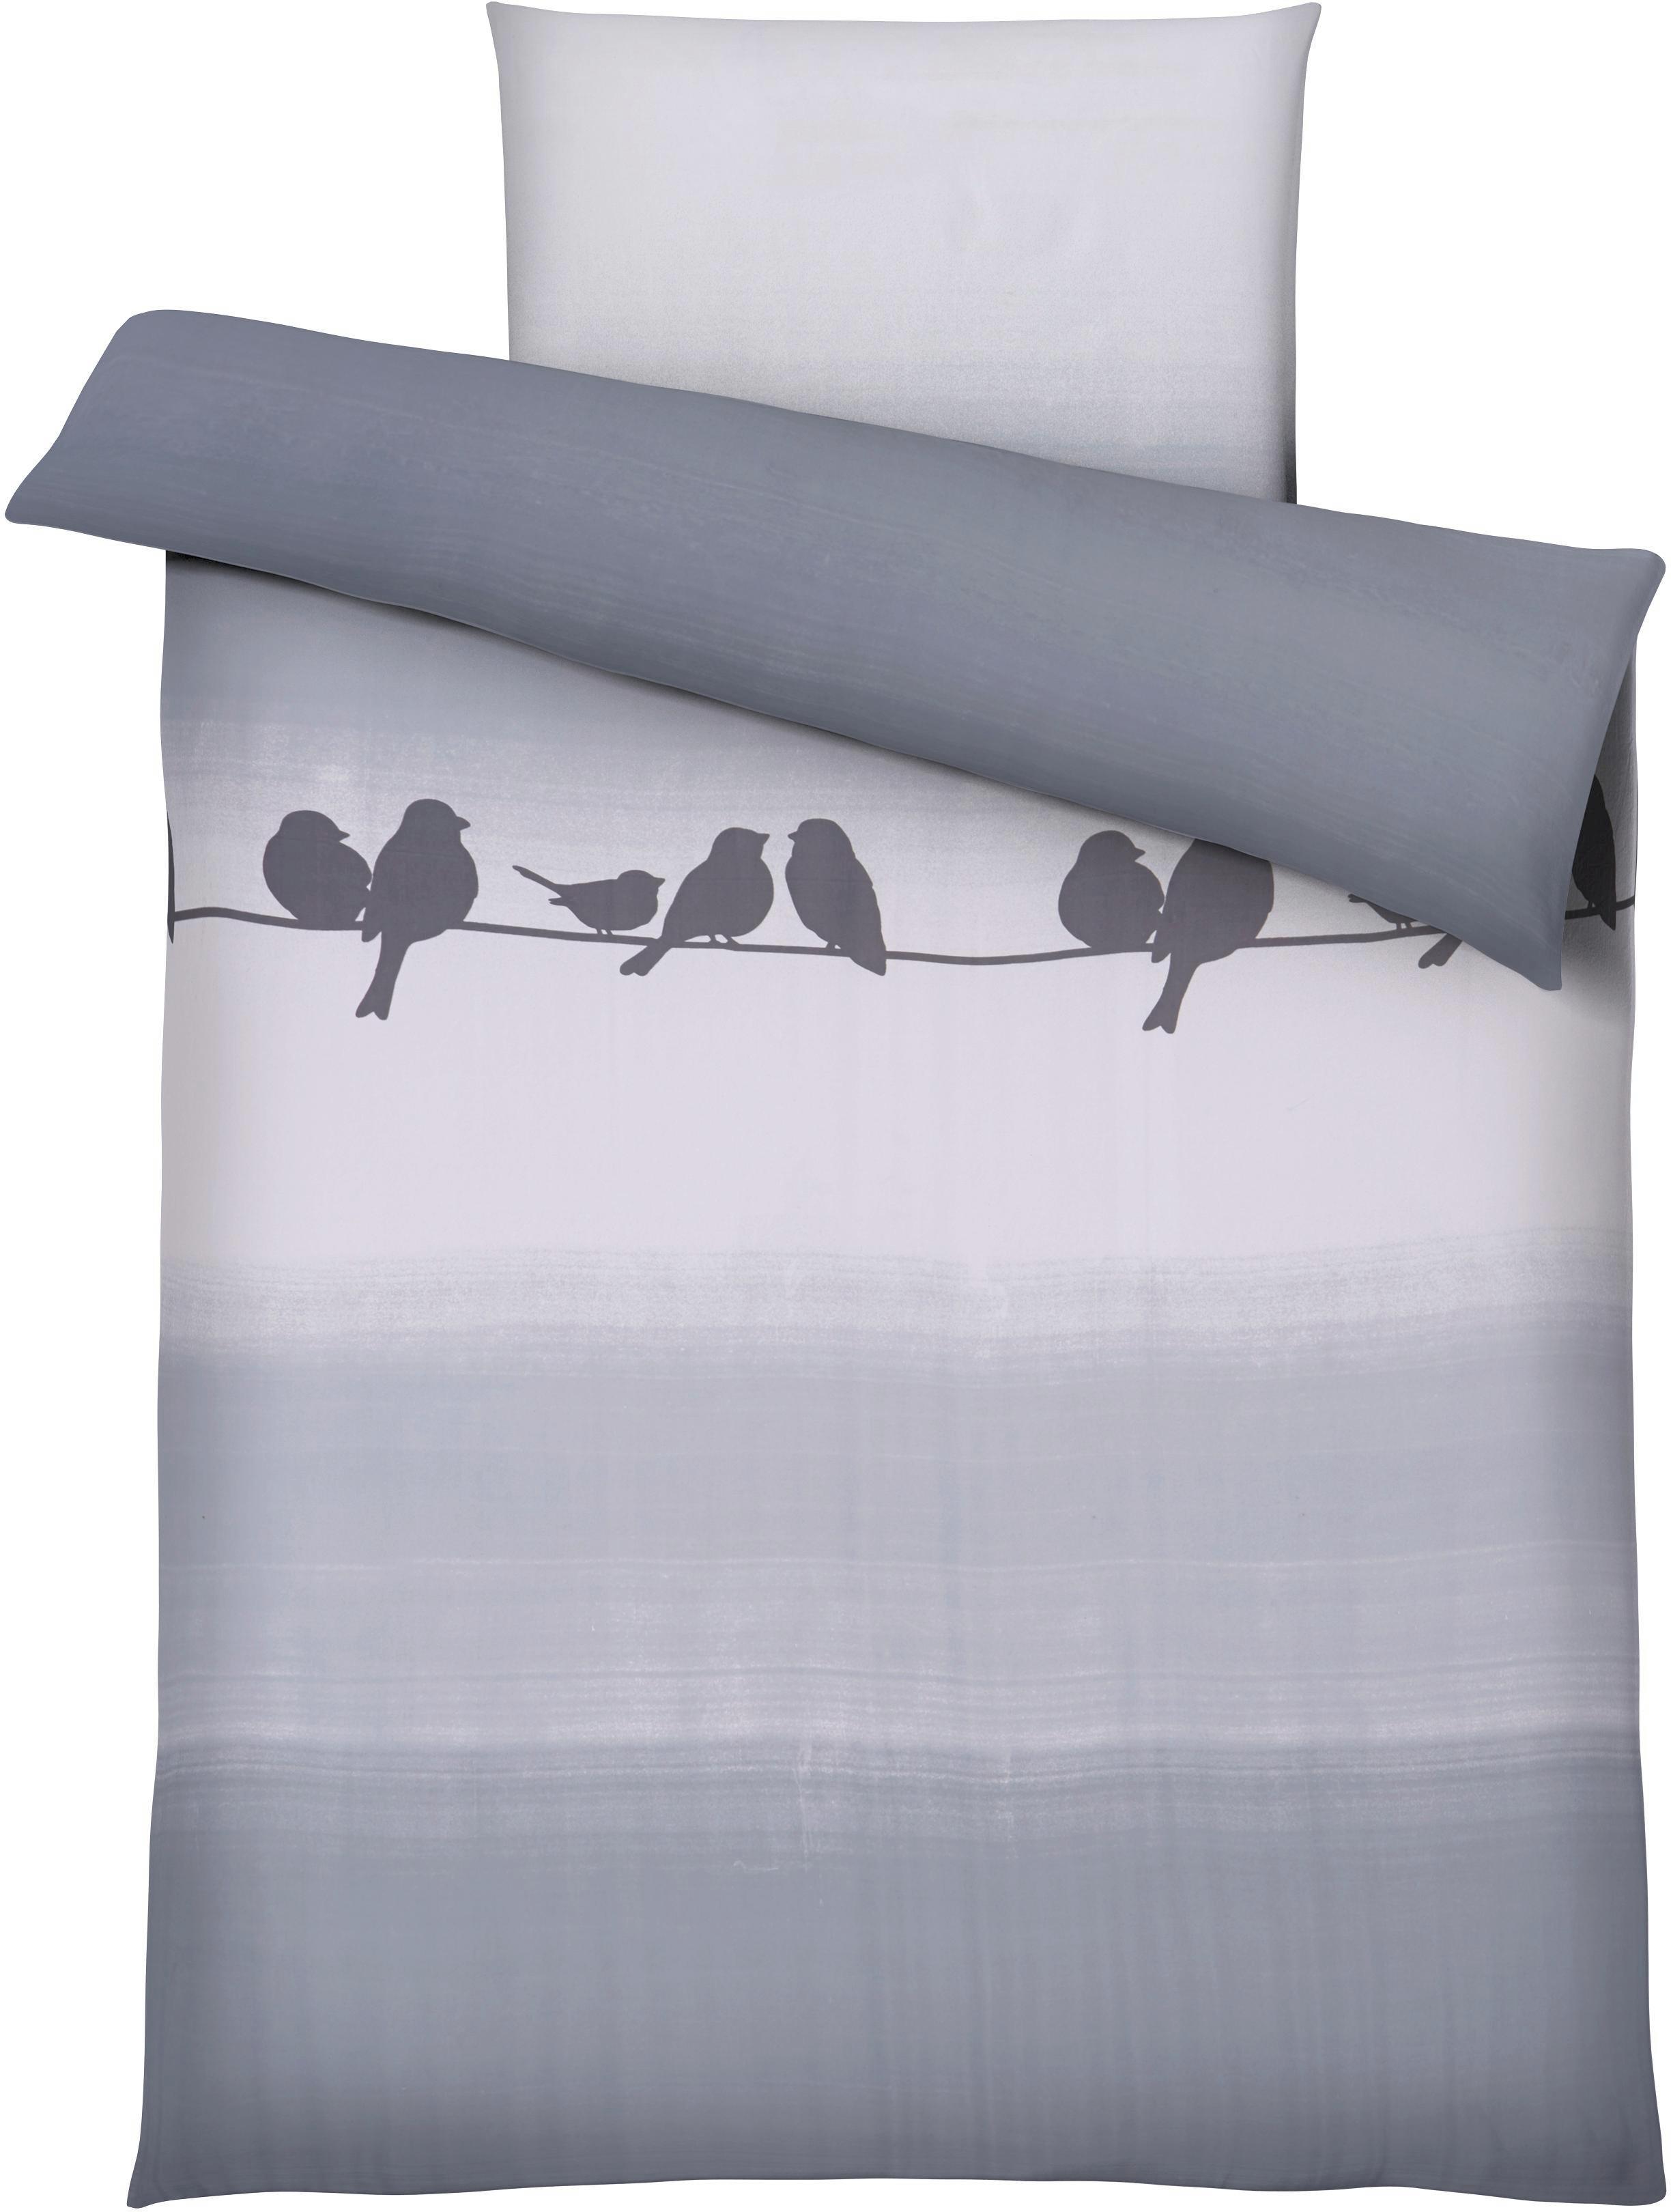 Bettwäsche Spatz in Grau ca. 135x200cm - Türkis, Textil (135/200cm) - MÖMAX modern living